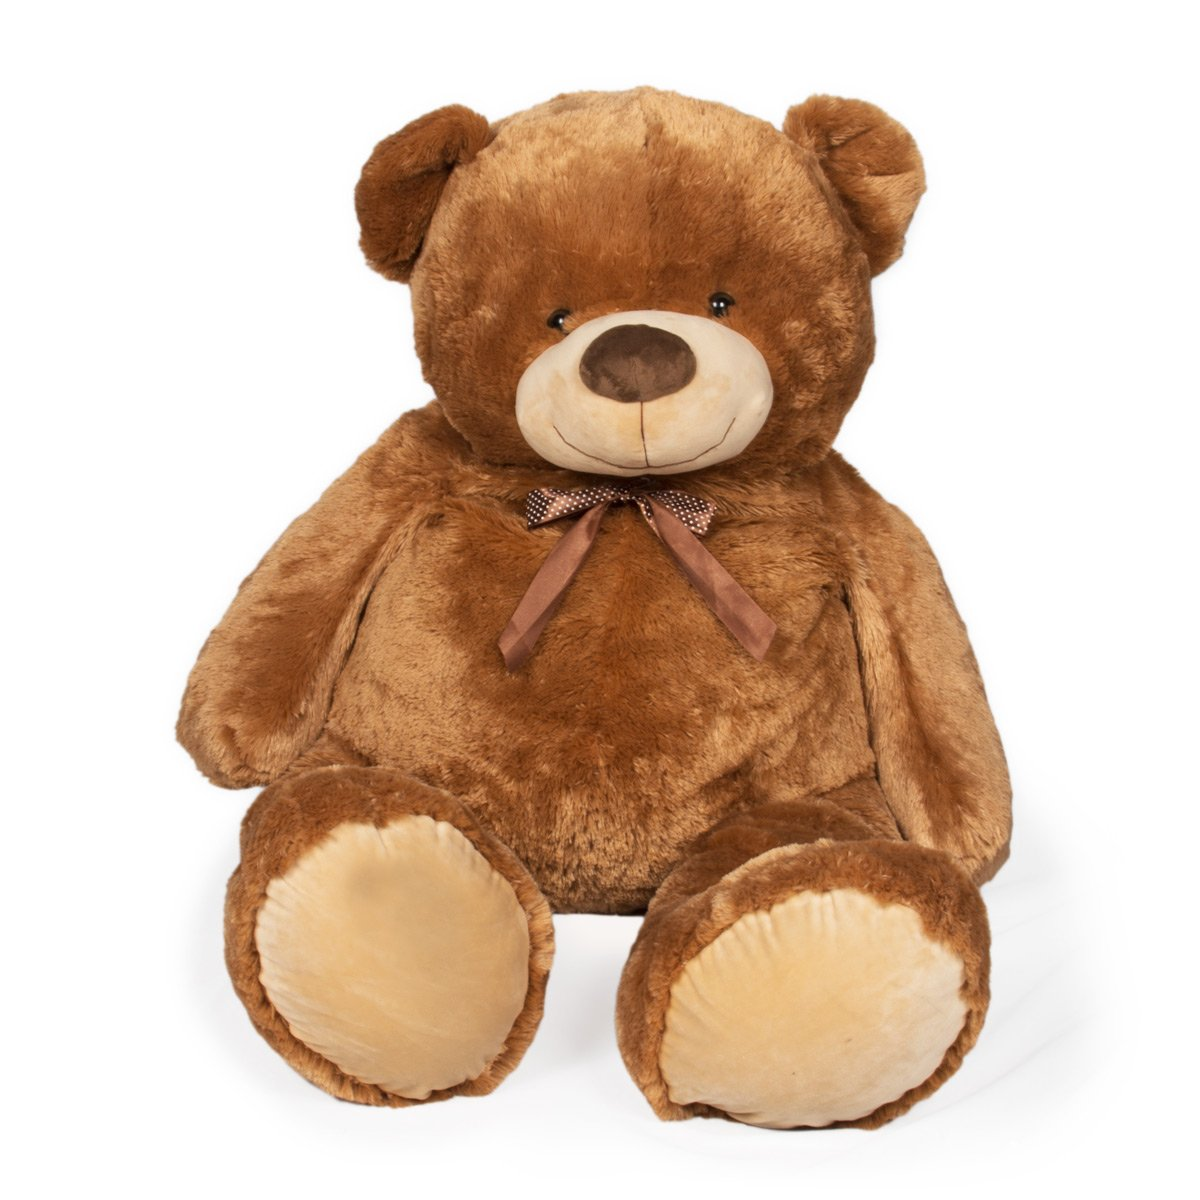 XL Riesen Teddybär Kuschel-Teddy 150cm (diag.) braun: Amazon.de: Baby